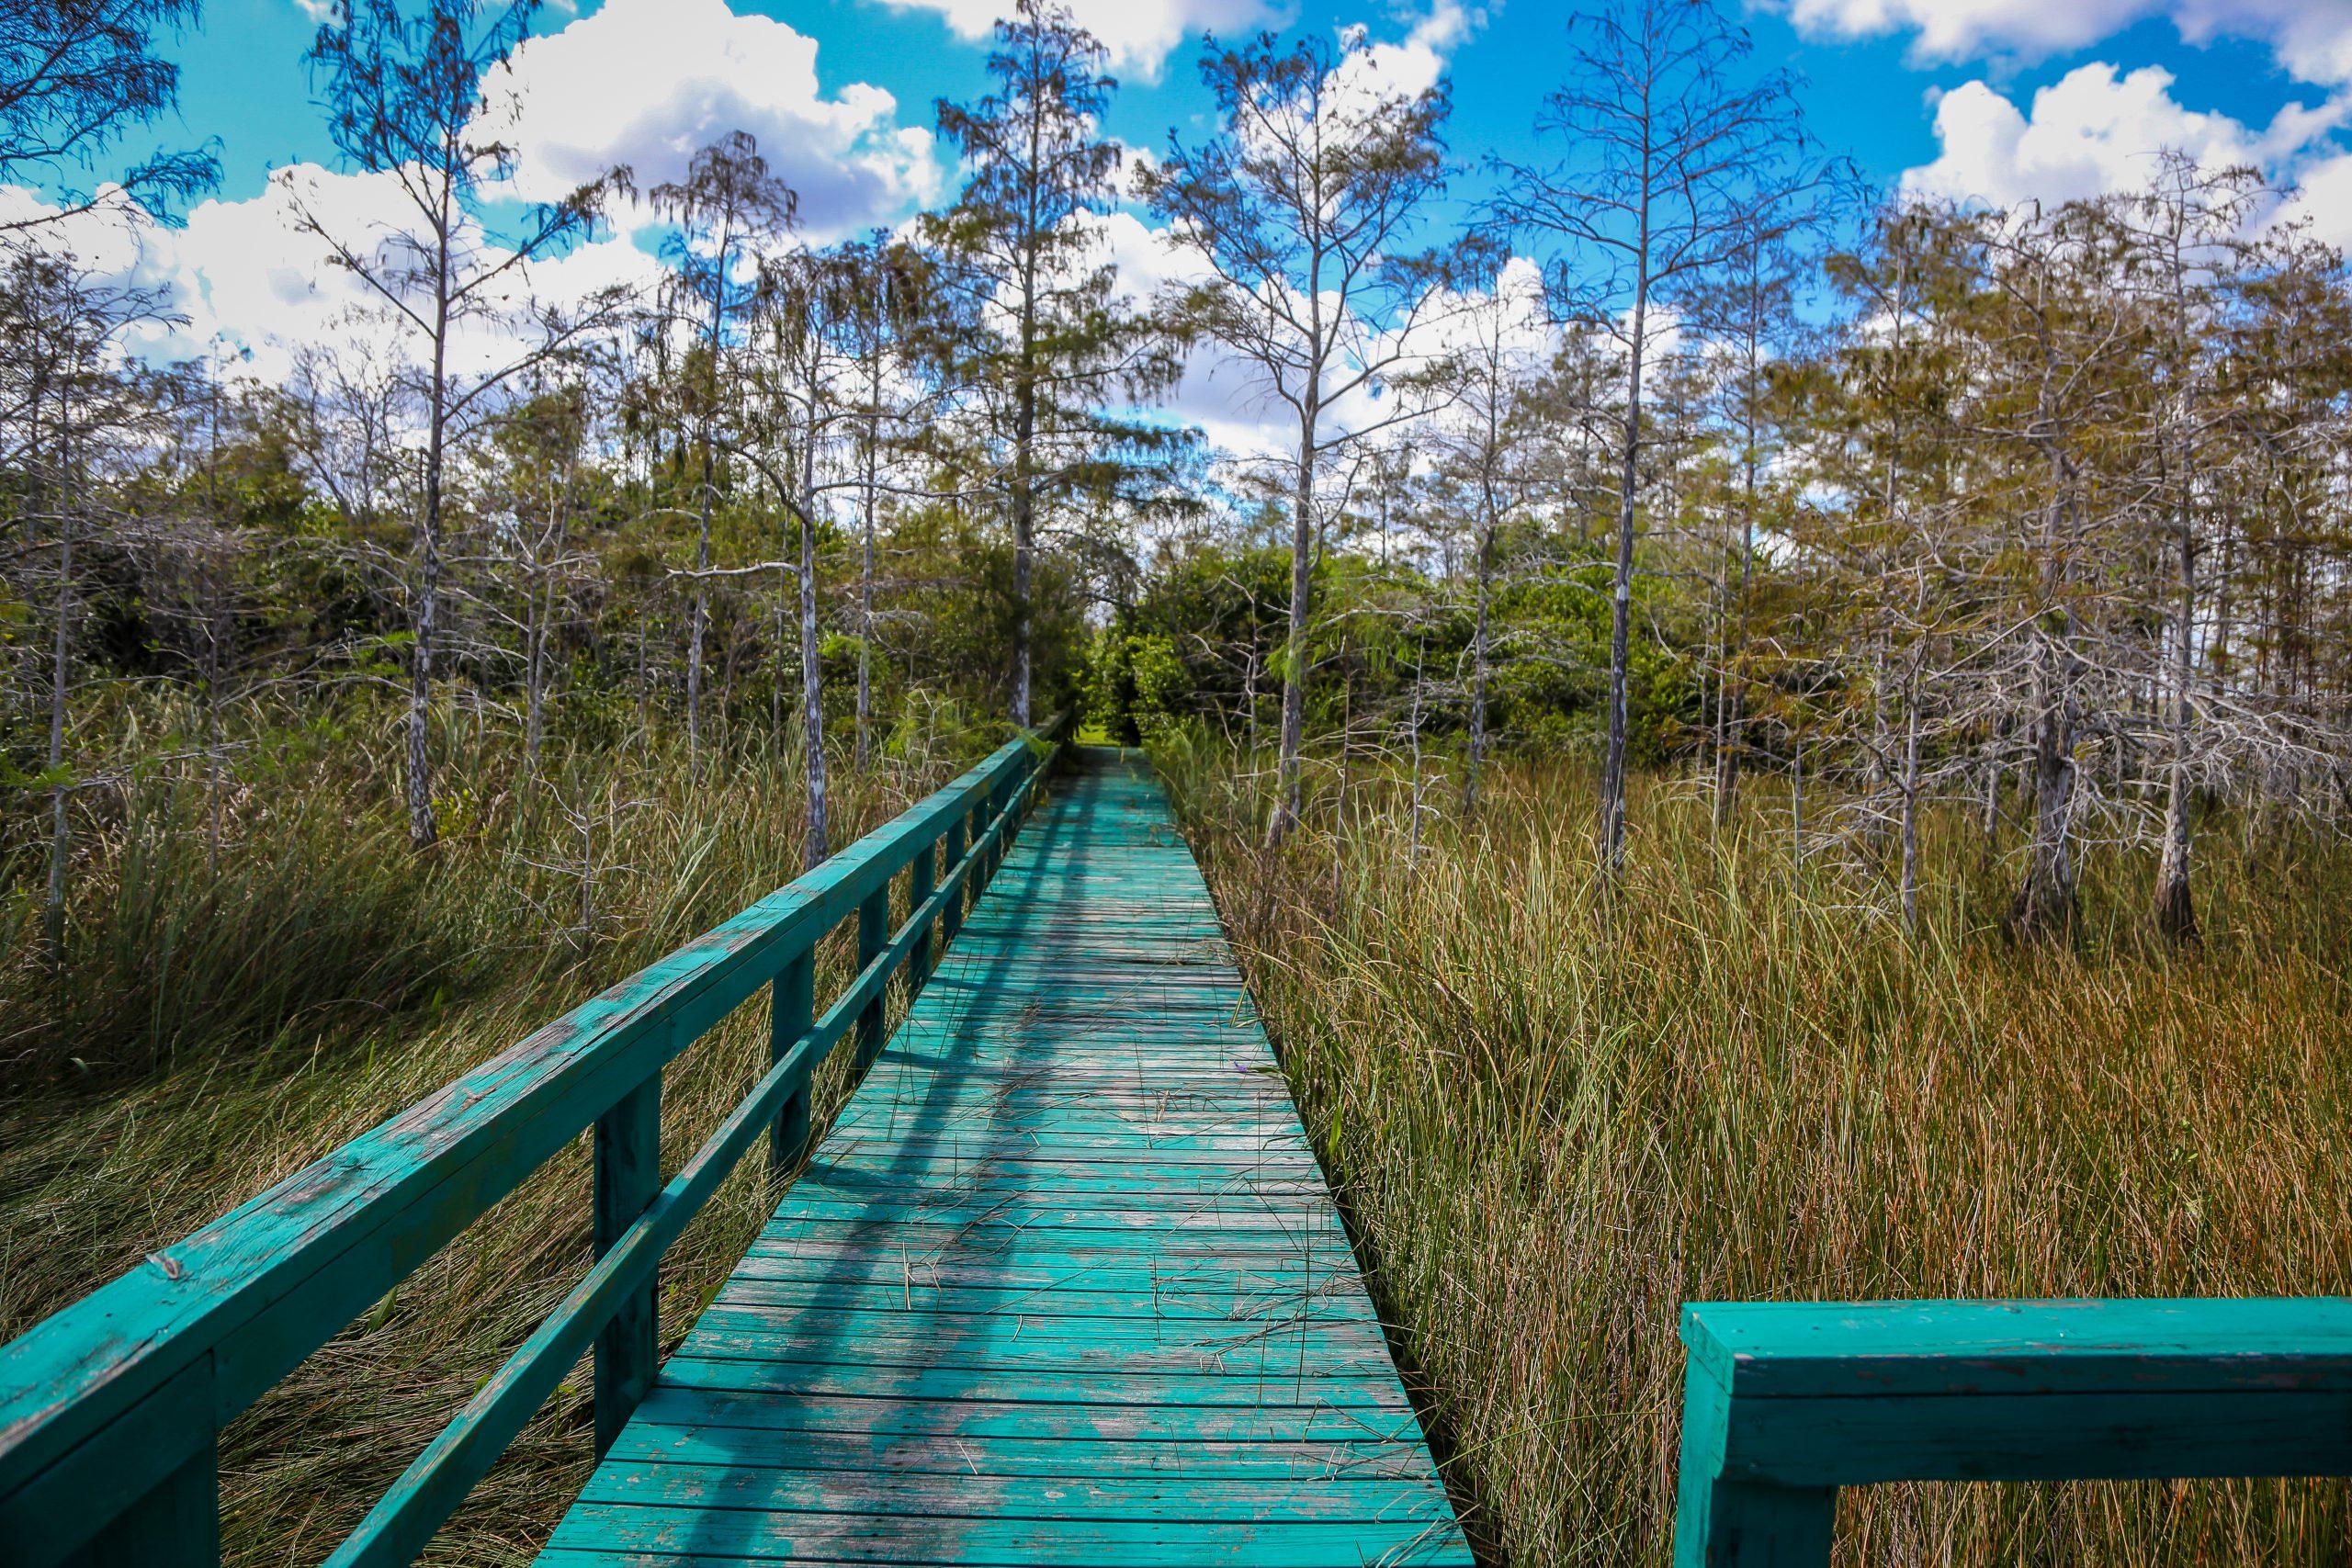 Wooden walkway over Everglades